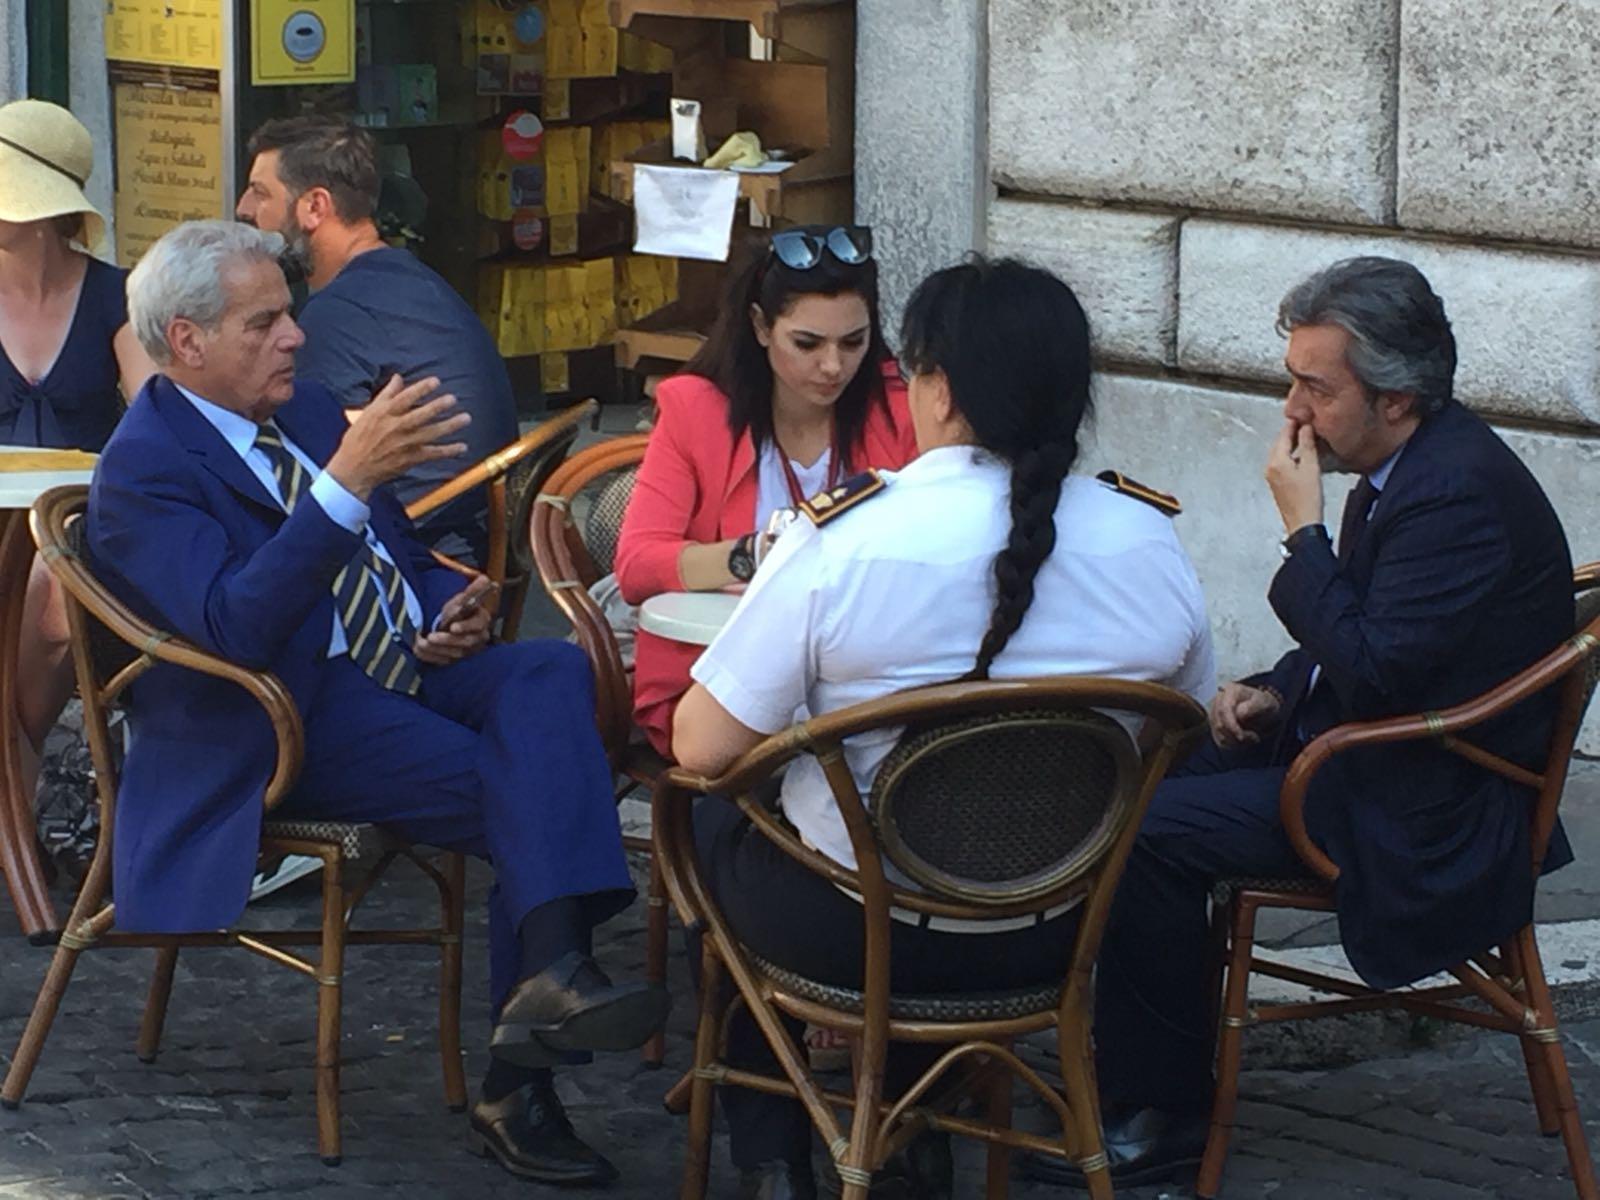 Incontri: Battistoni ed Arena ritratti a Sant'Eustachio (Roma) in un'afosa giornata di luglio… di cose da dirsi ne hanno tante